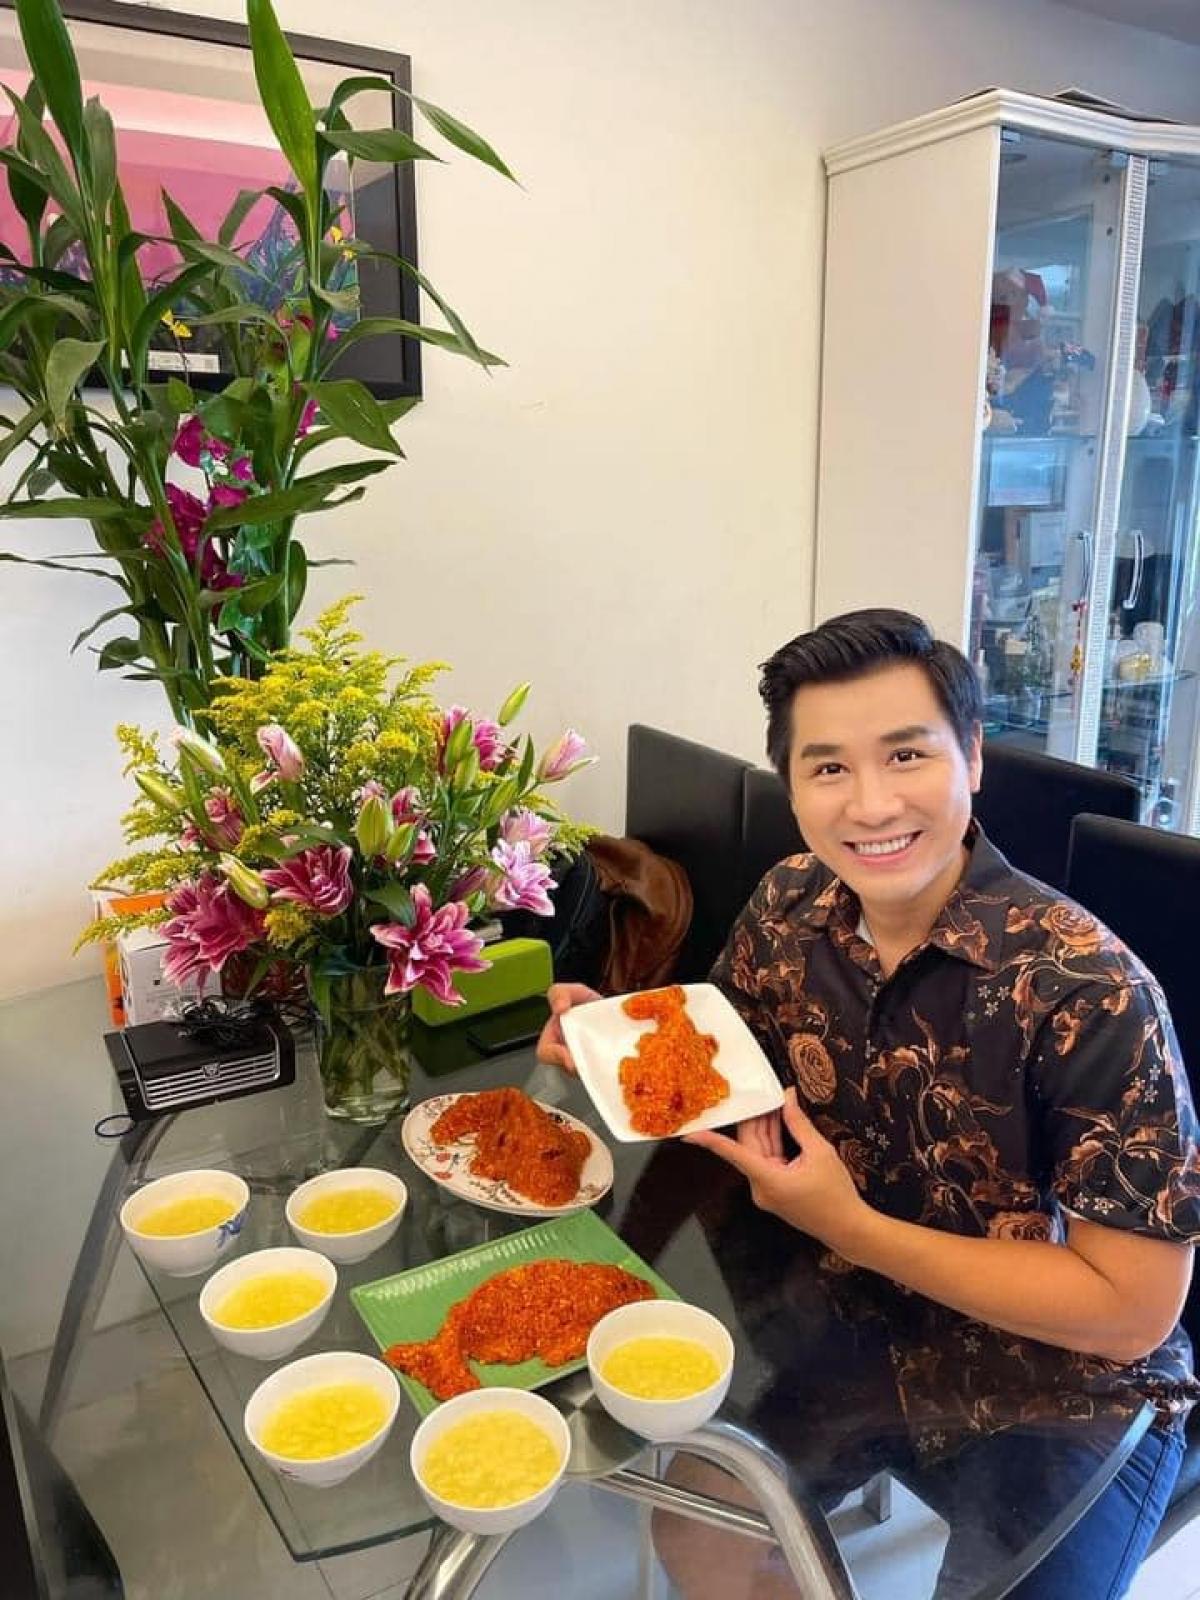 """MC Nguyên Khang hào hứng chia sẻ mâm cỗ cúng ngày Tết Đoan Ngọ. Anh vào bếp phụ giúp gia đình nấu xôi, chè, còn """"một số món đặc trưng như rượu nếp, bánh ú, trái cây... thì má đi chợ mua""""."""